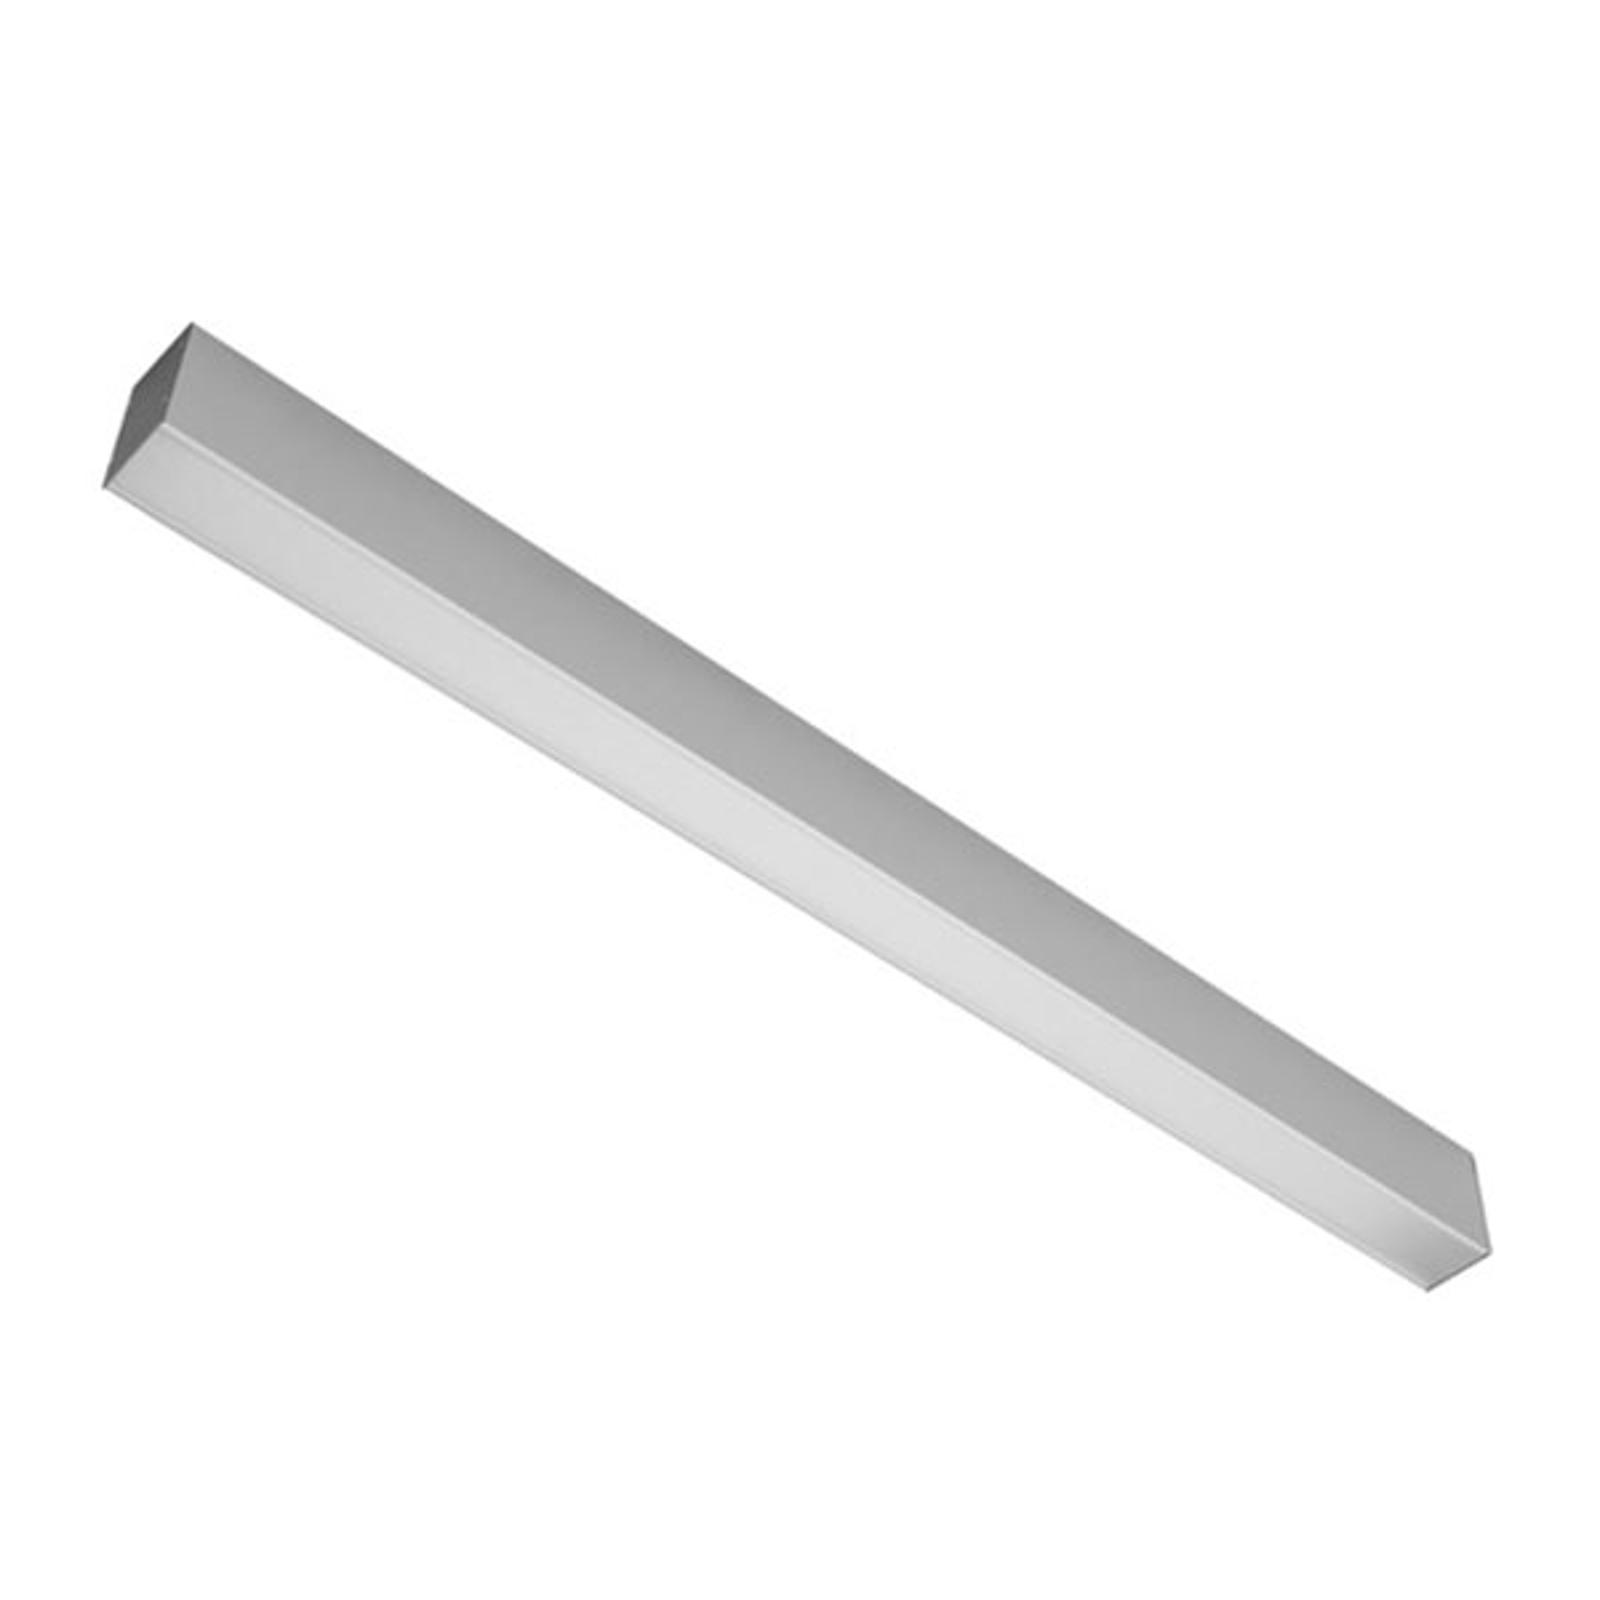 Aluminium utenpåliggende LED-lampe 4000K 54 W